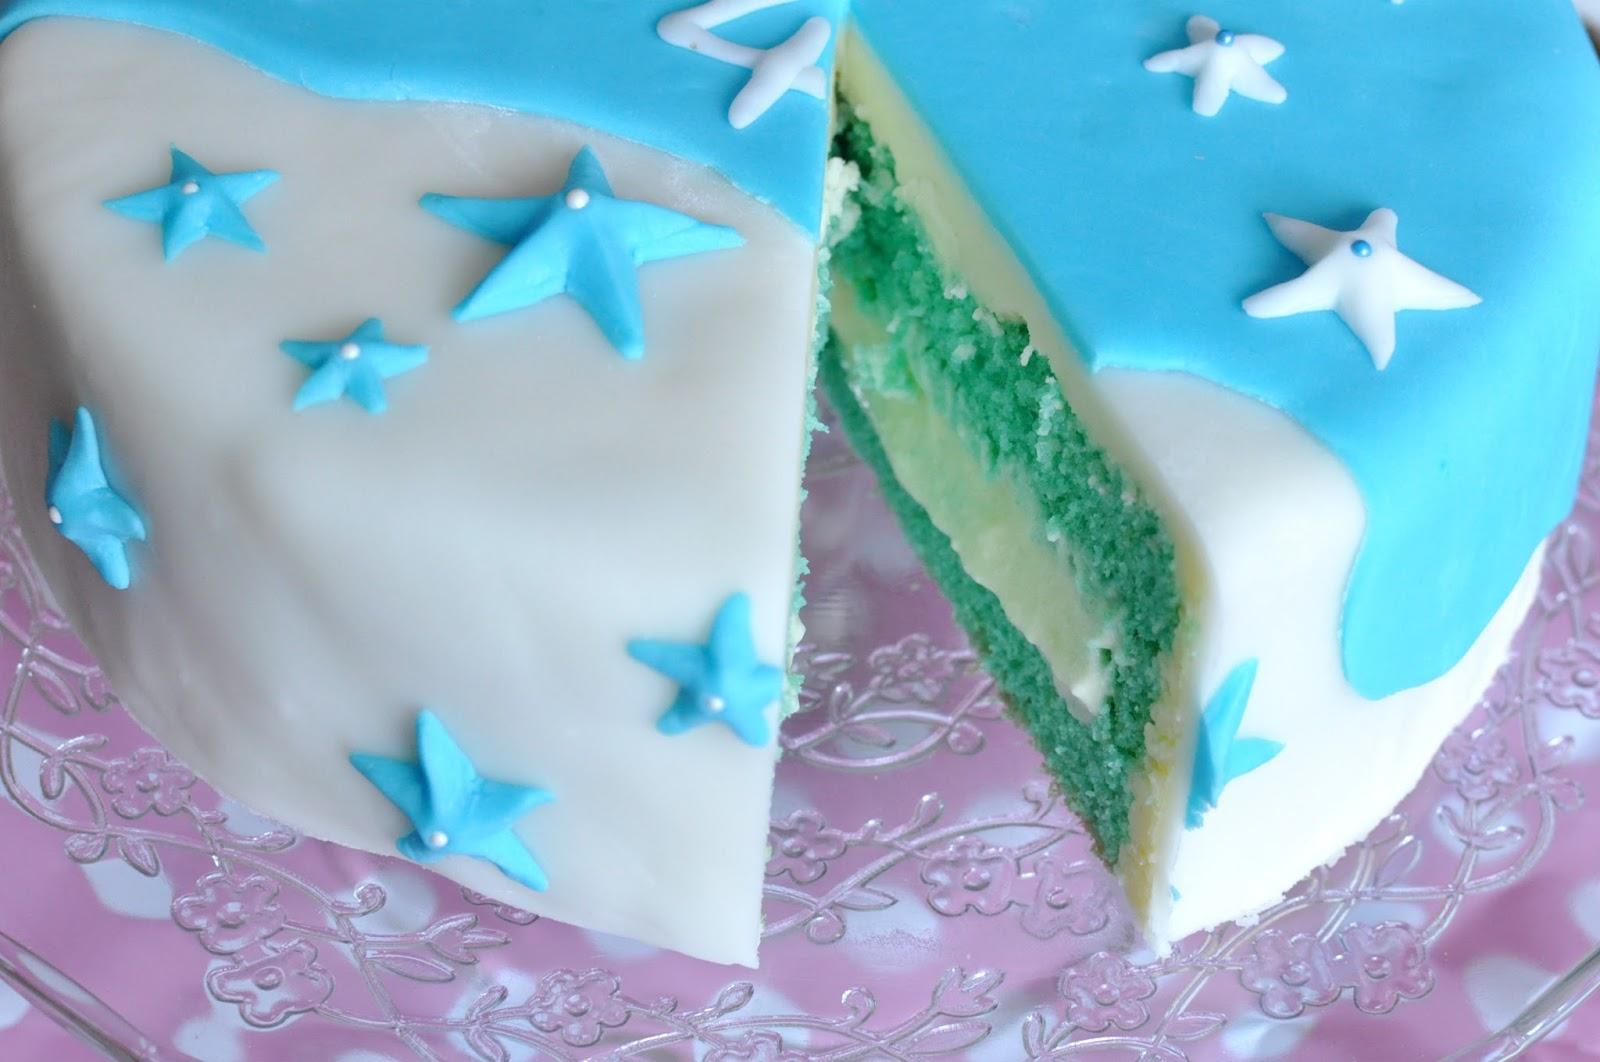 So Gelingt Die Frozen Elsa Torte Aus Fondant Fur Das Geburtstagskind